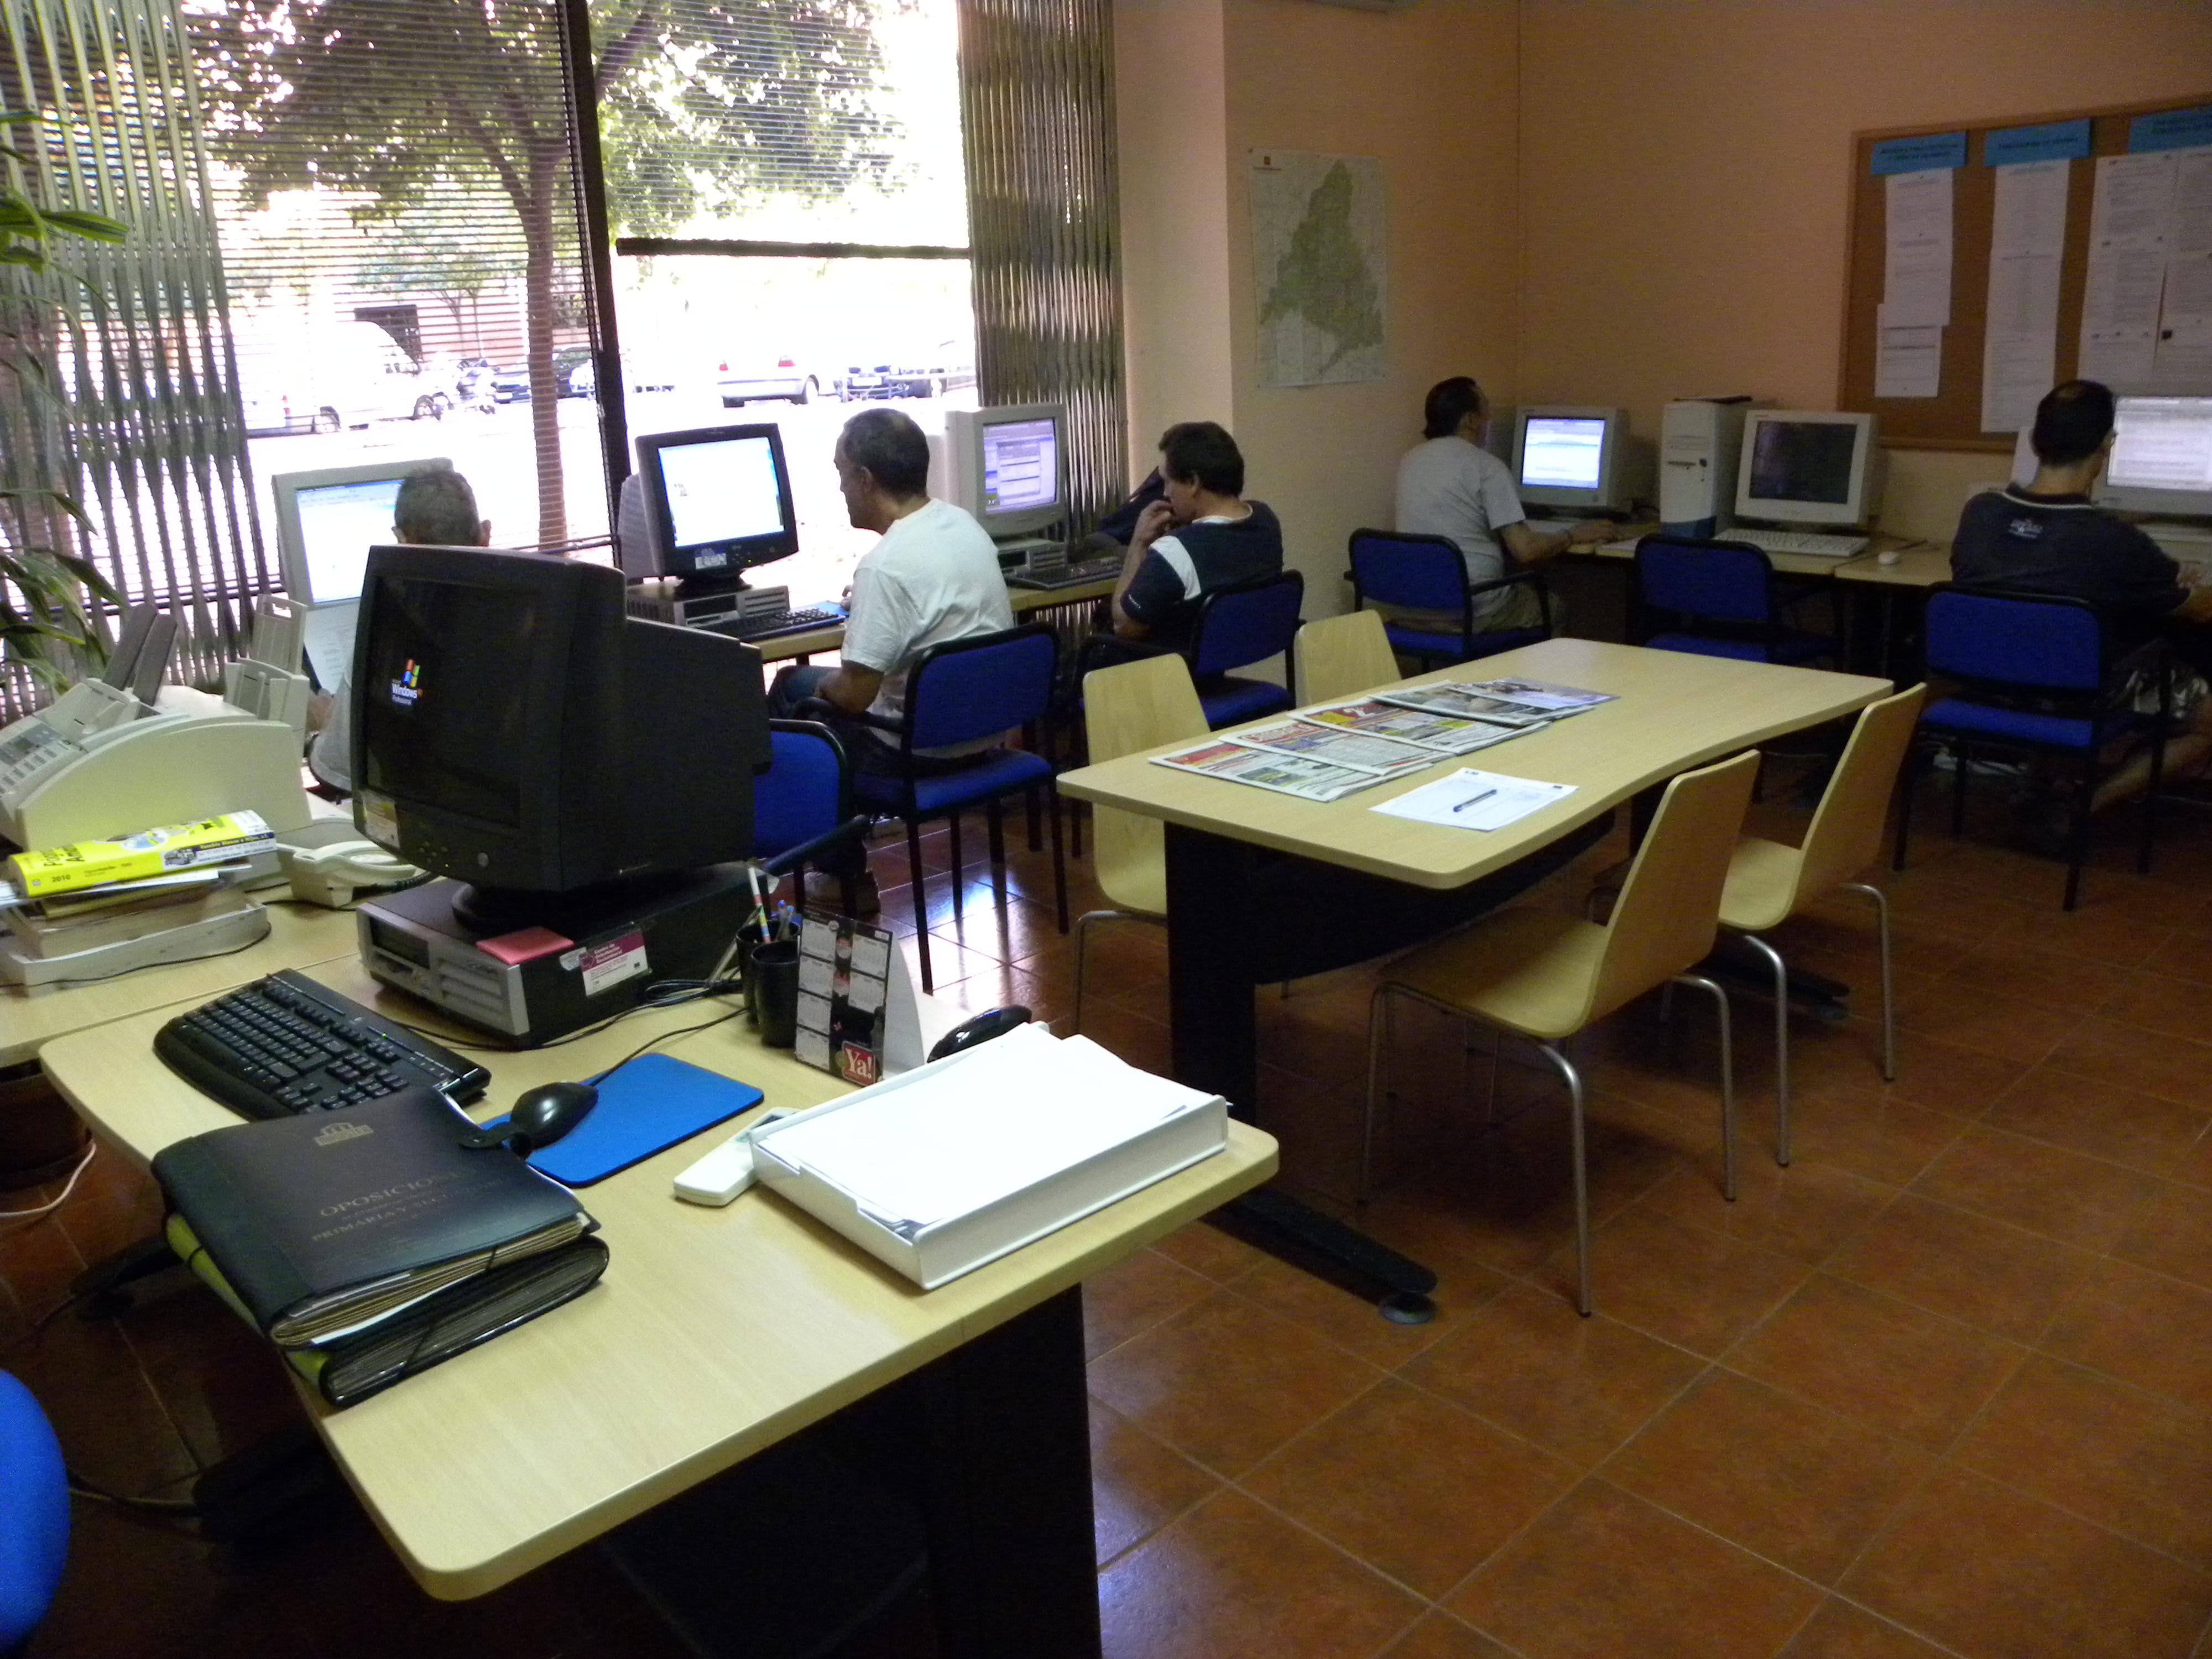 Gcs informatica y electricidad - Mantenimiento informatico madrid ...